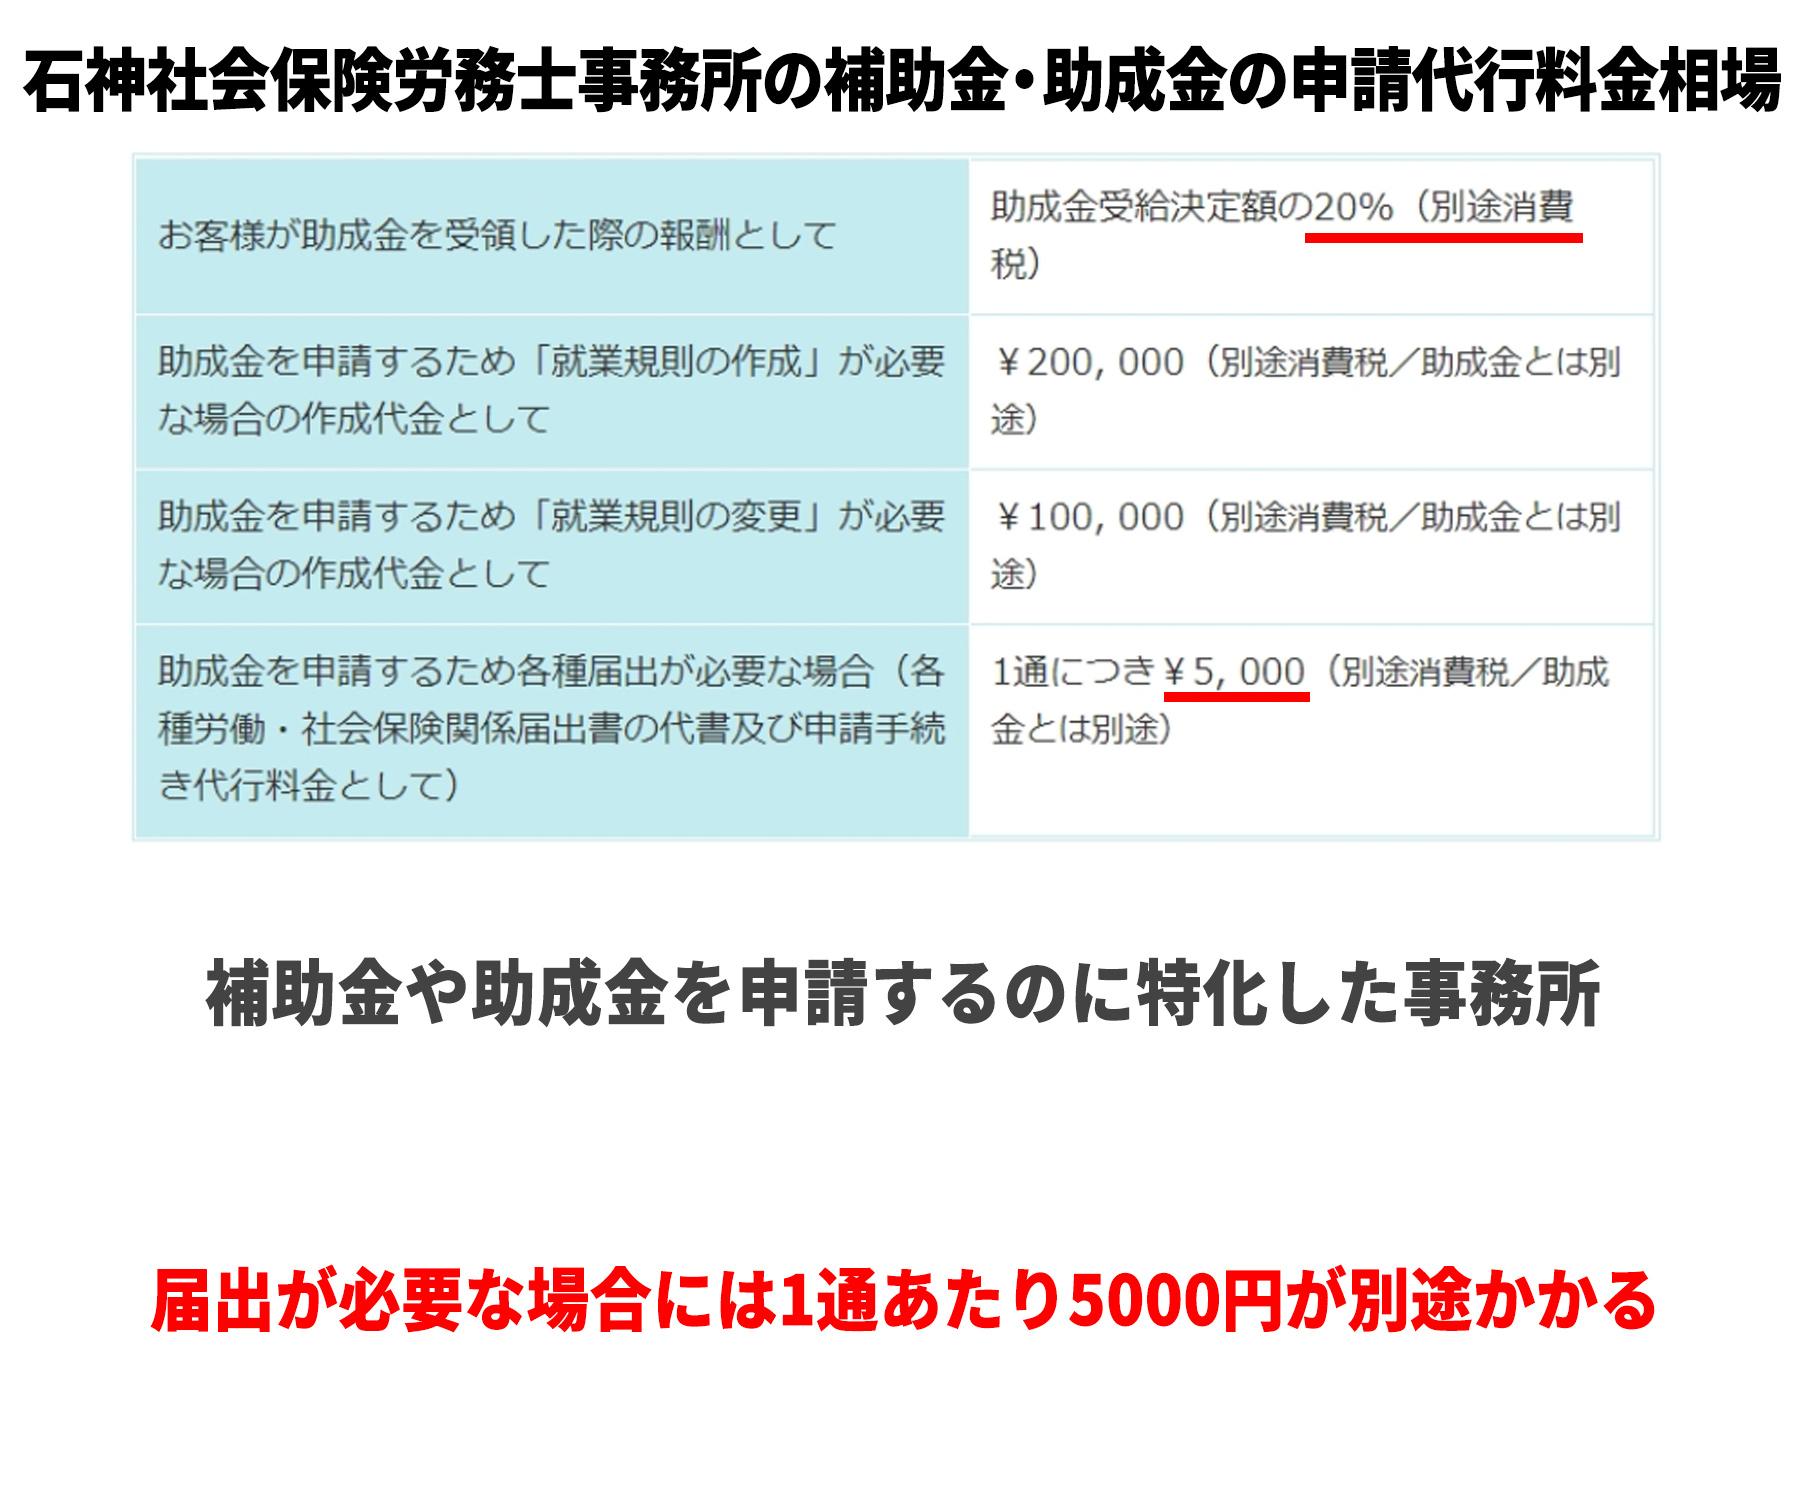 石神社会保険労務士事務所の補助金・助成金の申請代行料金相場